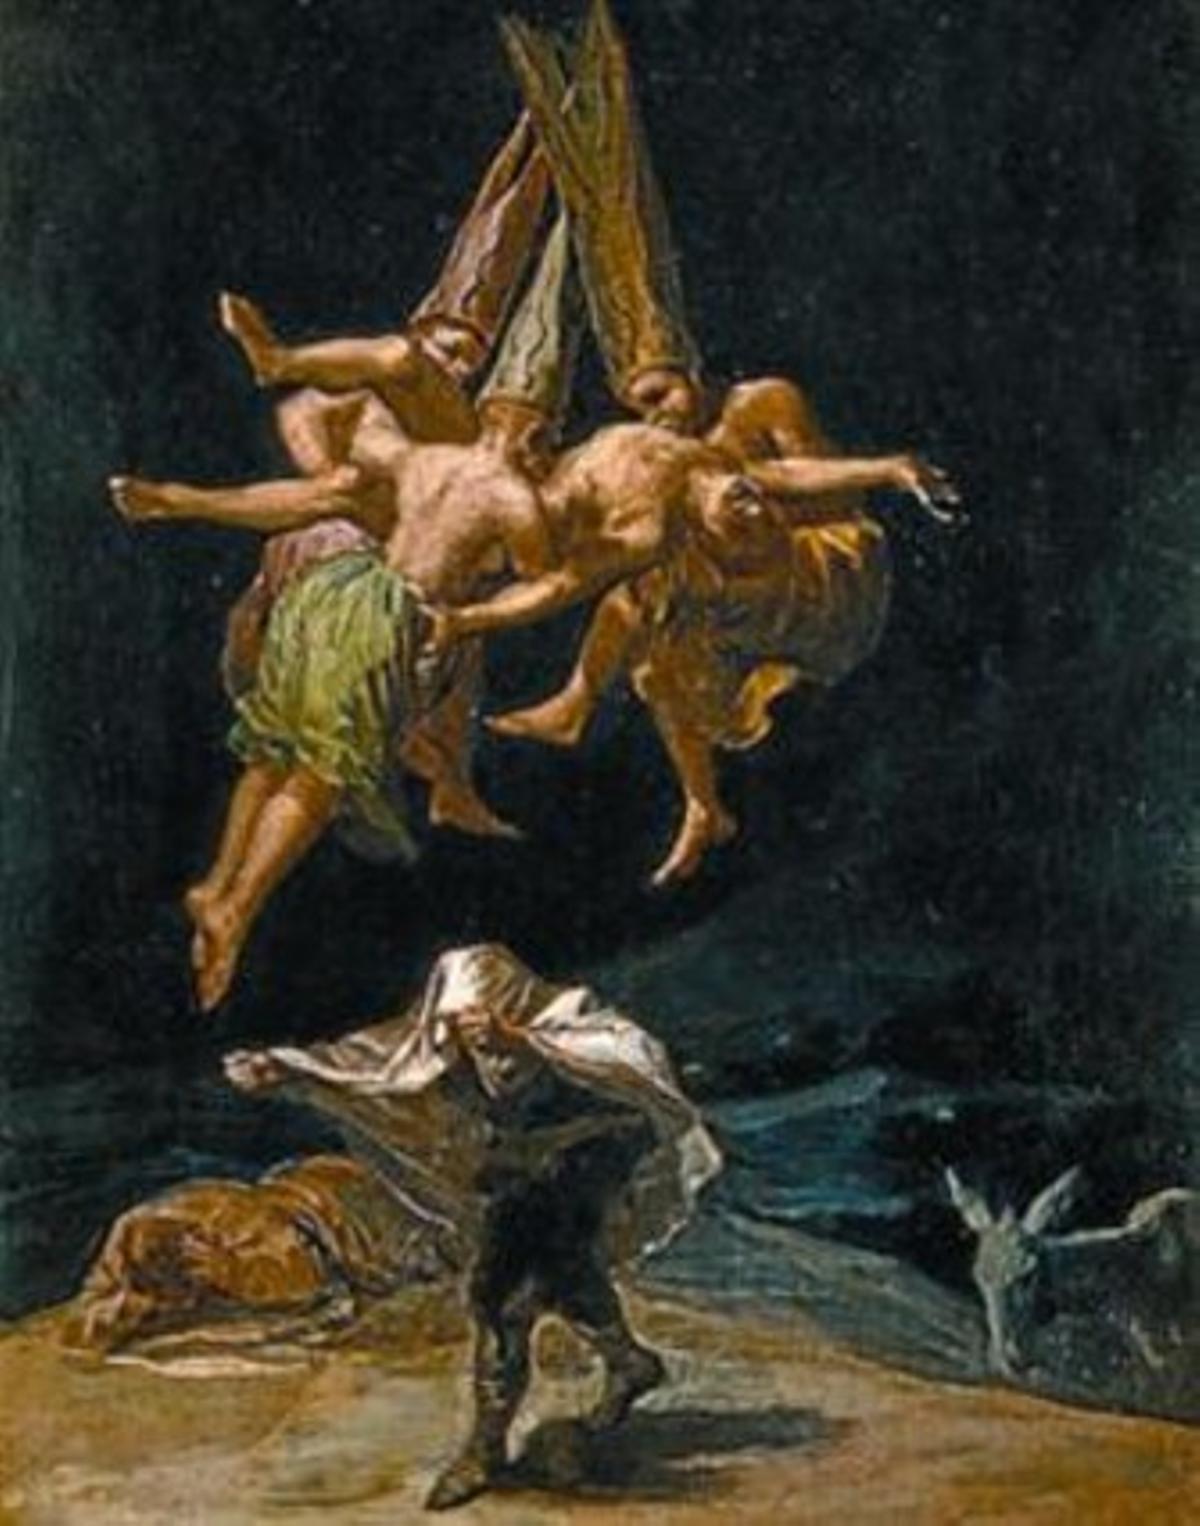 IMPRESCINDIBLES 3 A la izquierda, 'Vuelo de brujas' (1797), de Goya